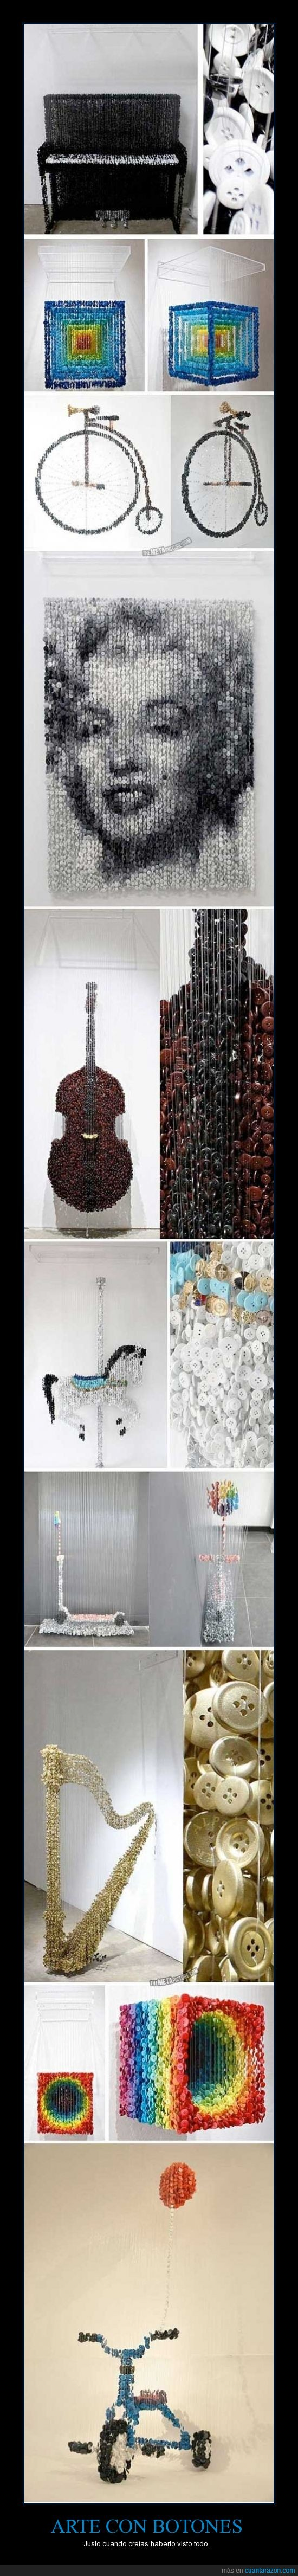 bici,boton,escultura,hilo,retrato